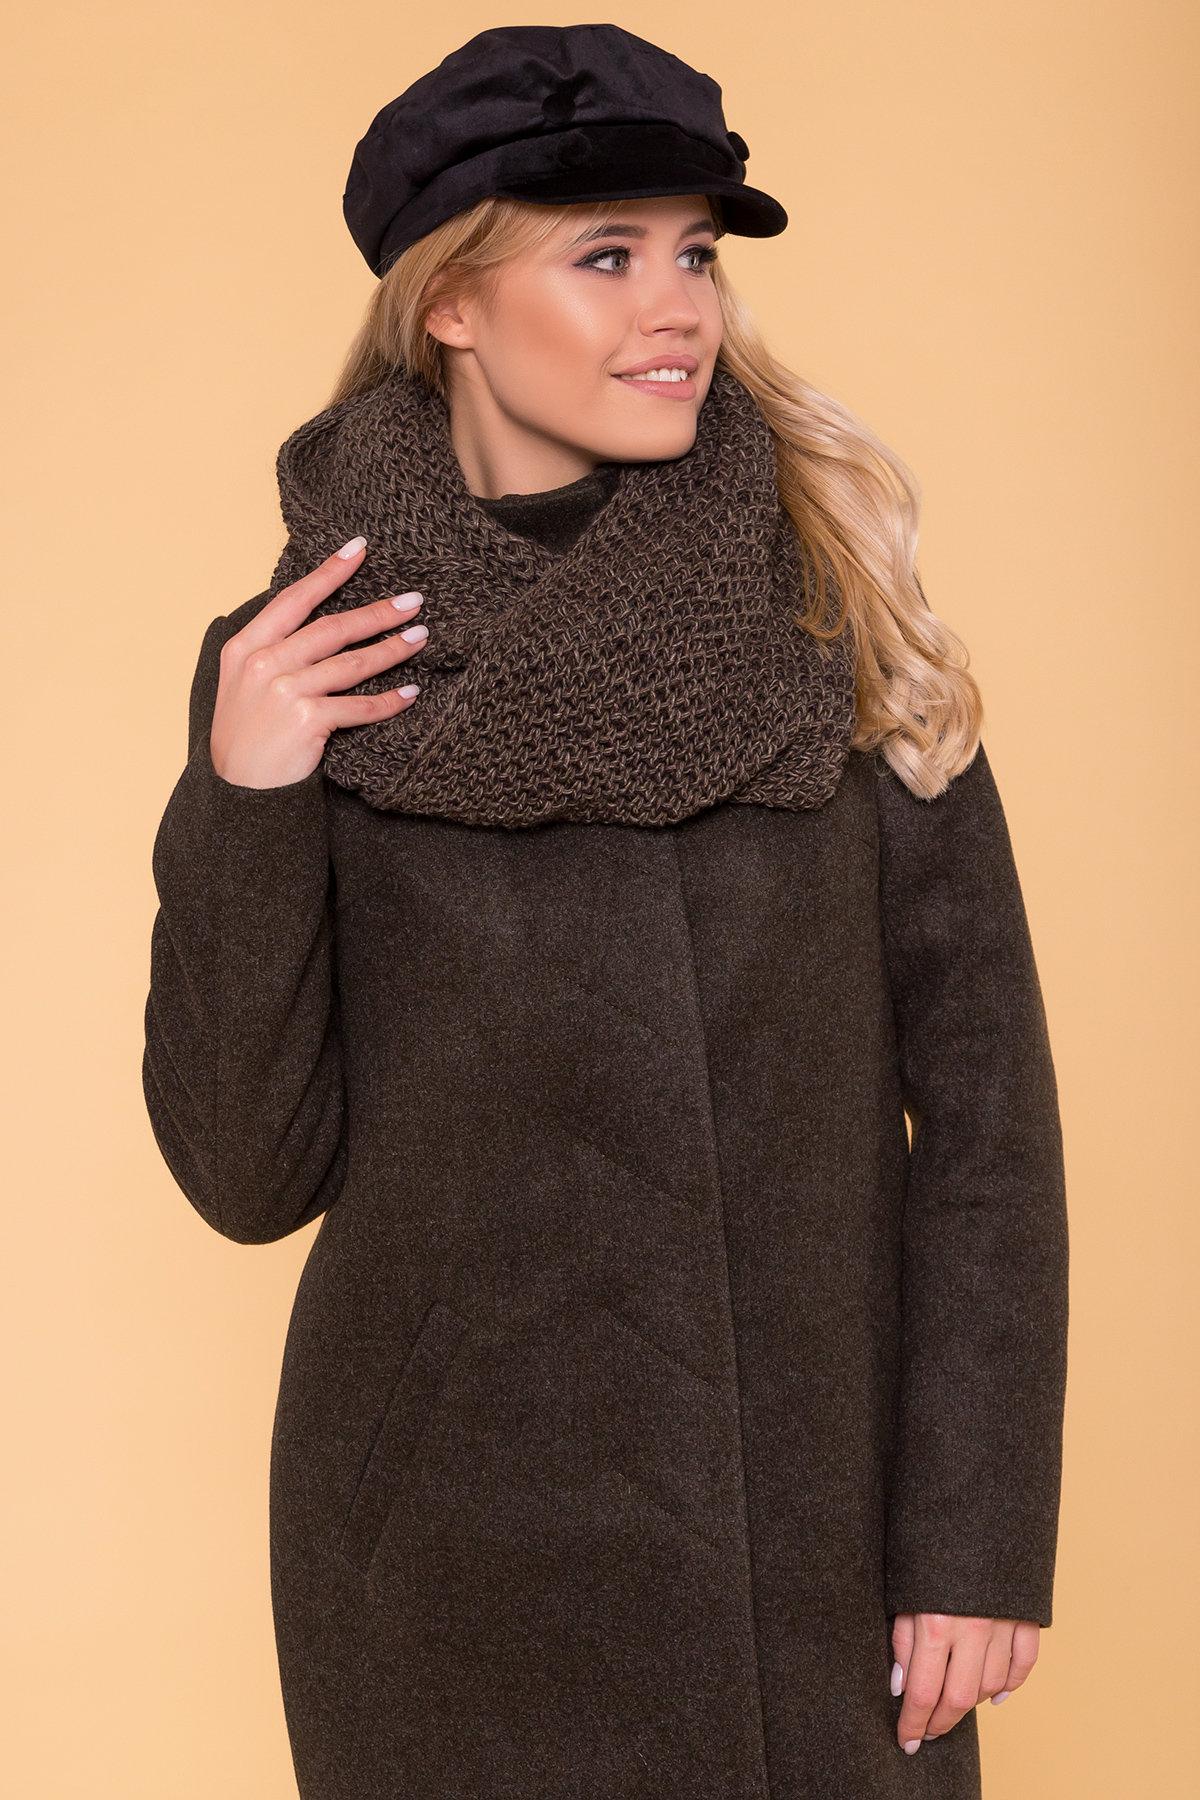 Зимнее пальто с хомутом Фортуна лайт 5802 АРТ. 40535 Цвет: Хаки 16 - фото 5, интернет магазин tm-modus.ru